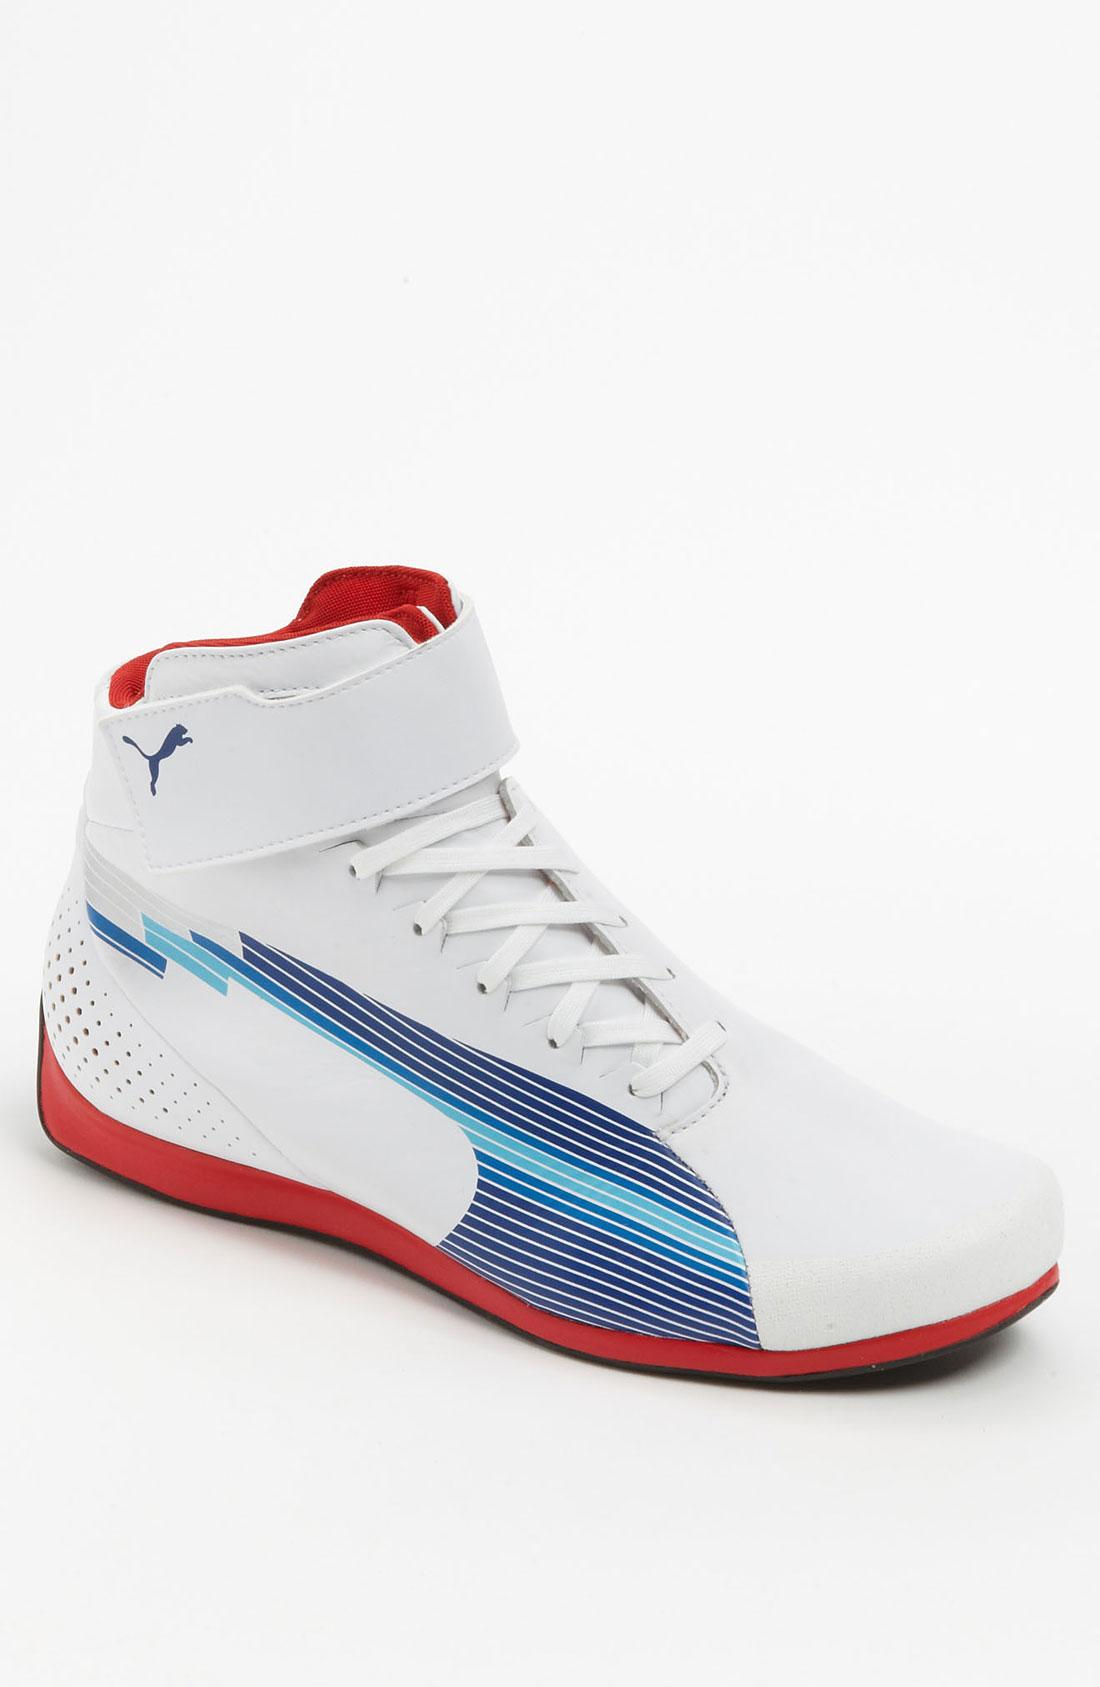 Nordstrom Puma Mens Shoes